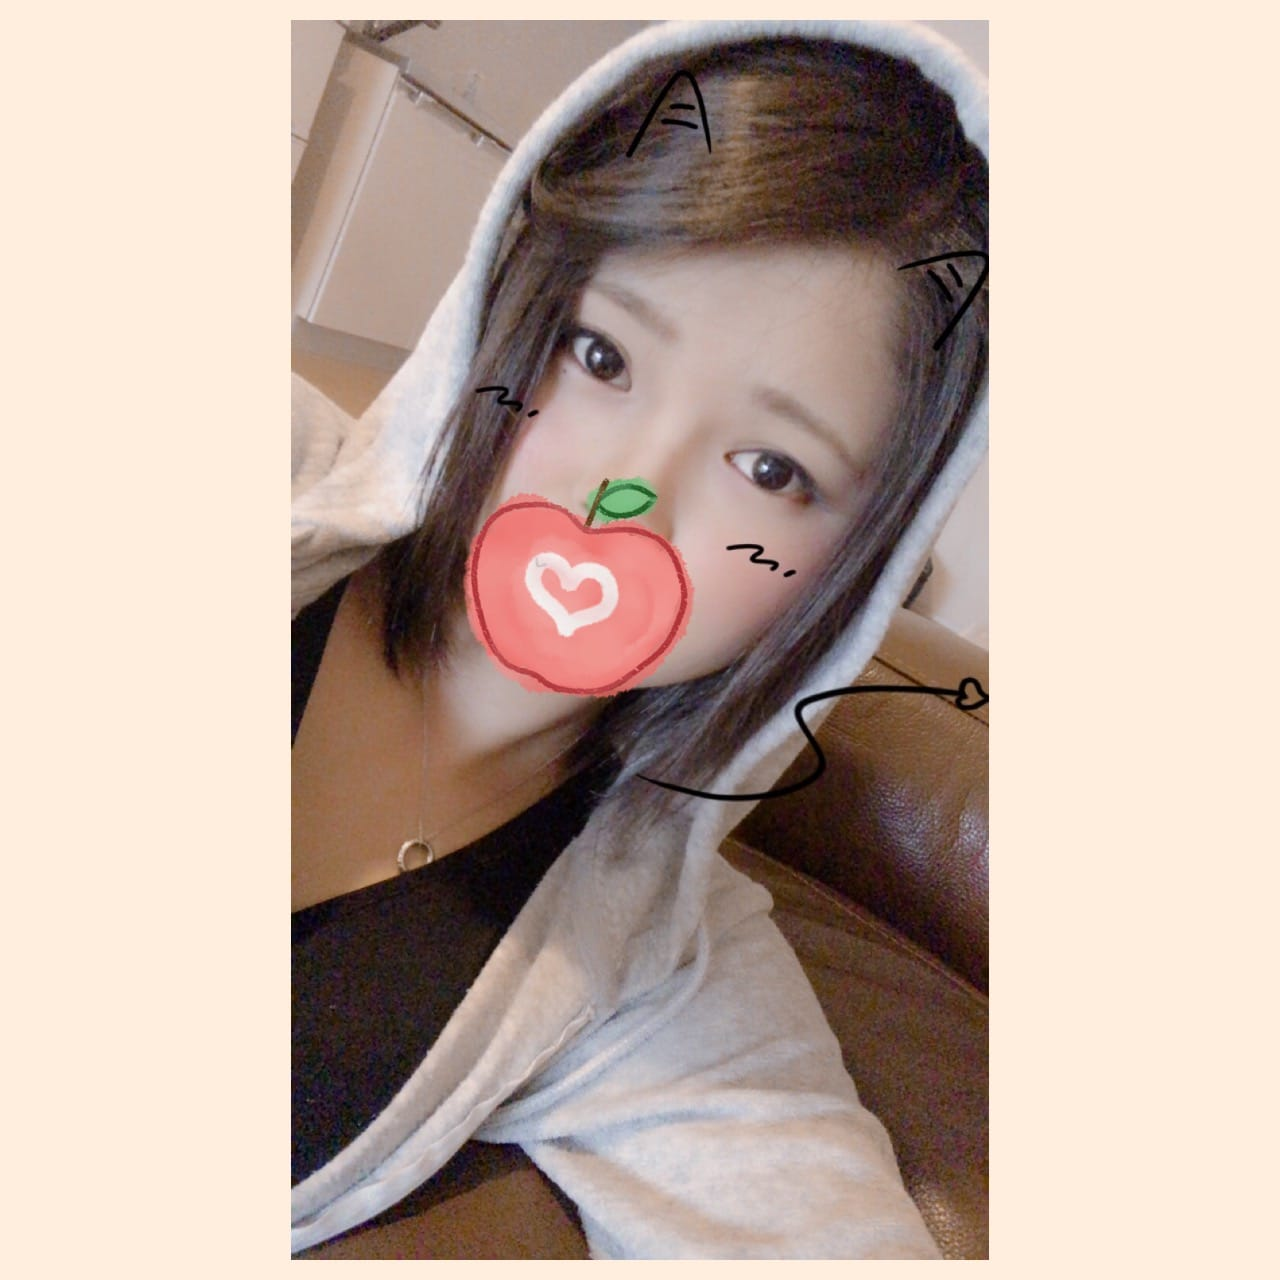 「お礼.:*・゜」02/19(月) 20:19 | 千夏の写メ・風俗動画